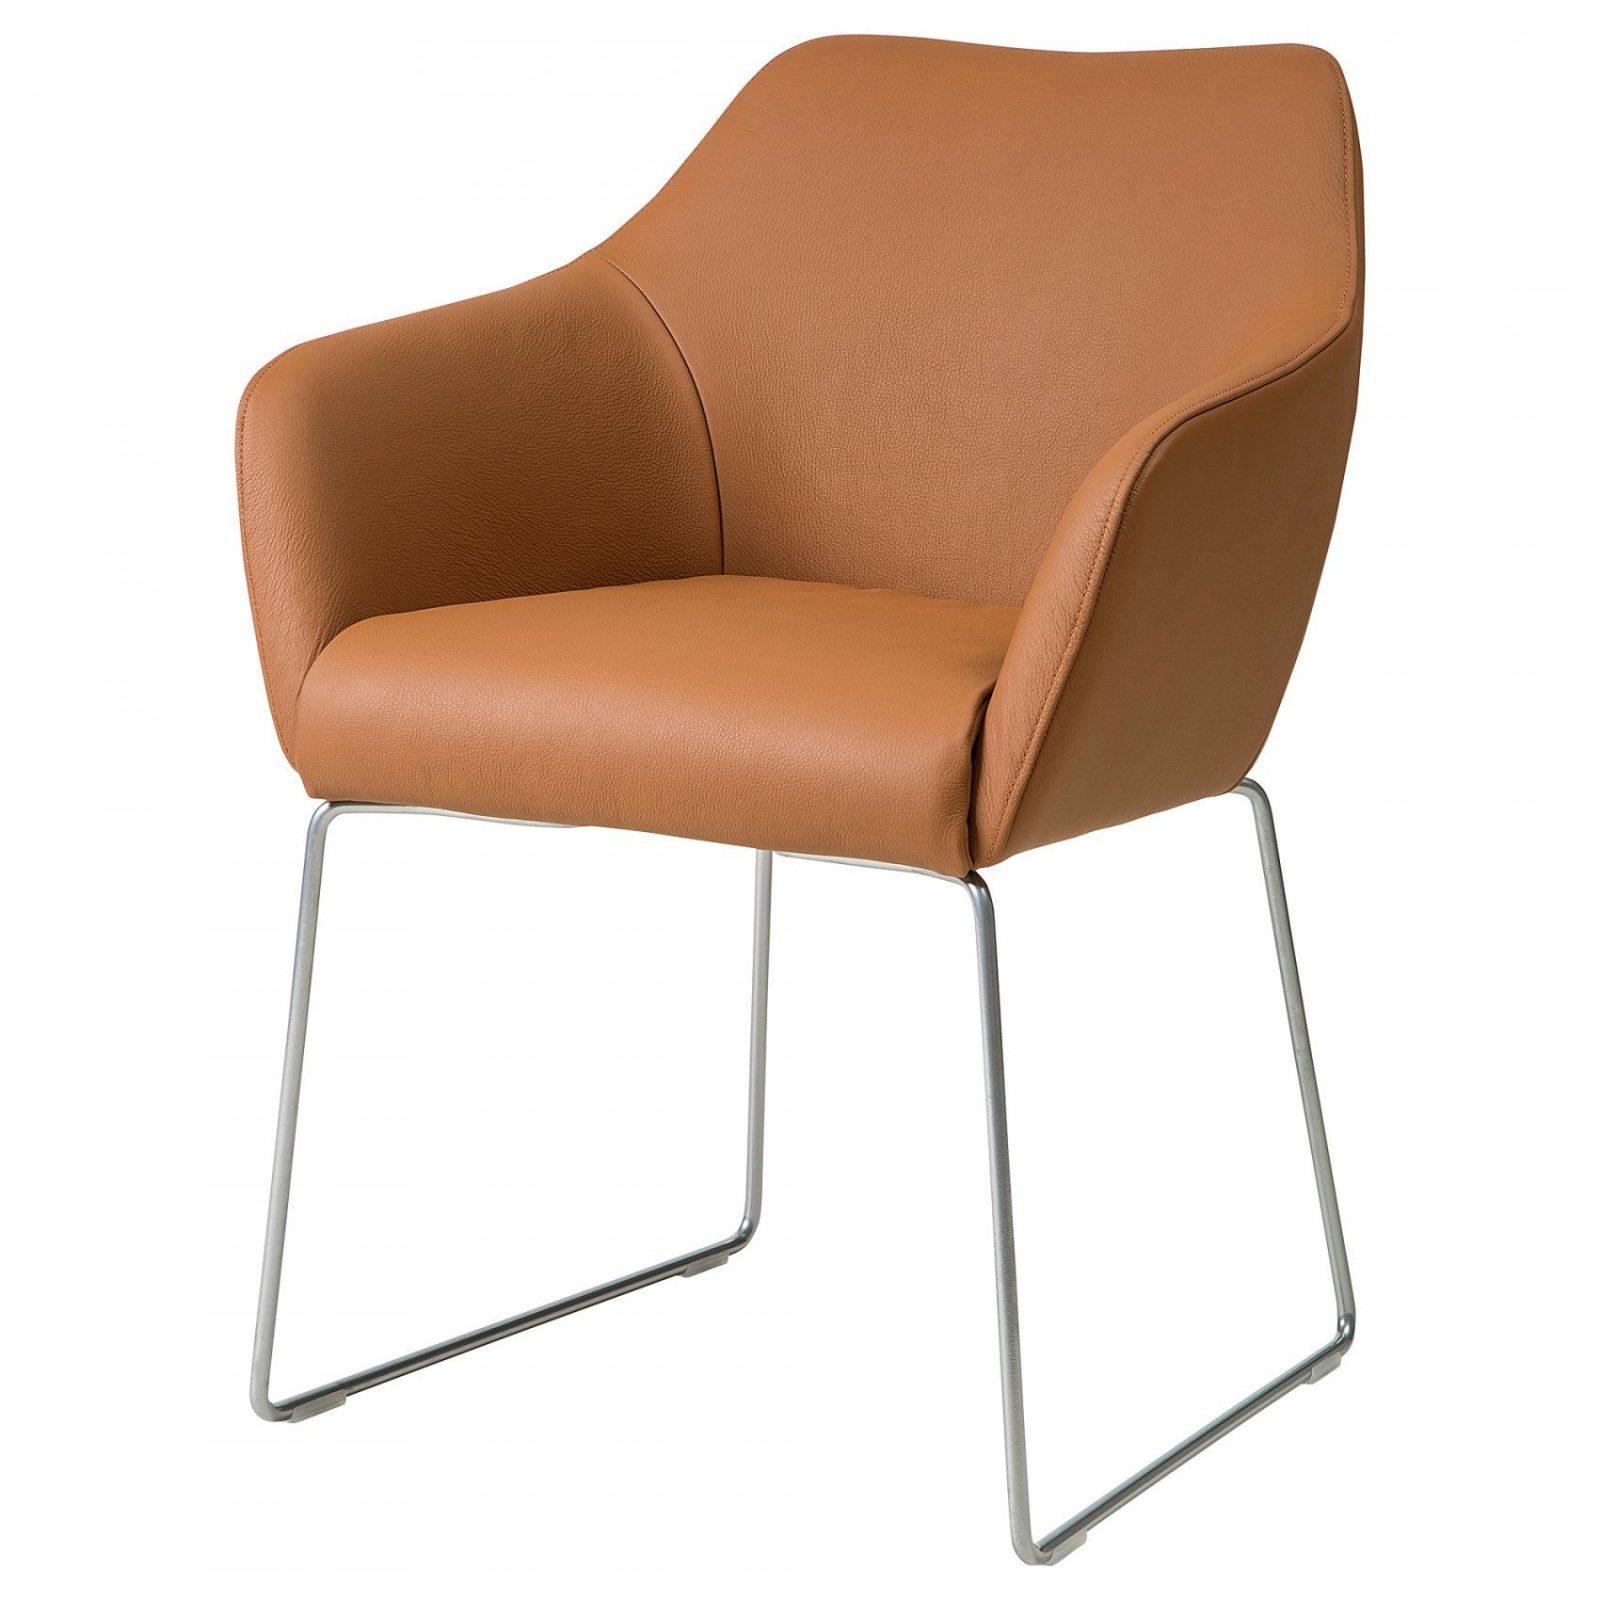 Esszimmer Erregend Roller Stühle Esszimmer Design